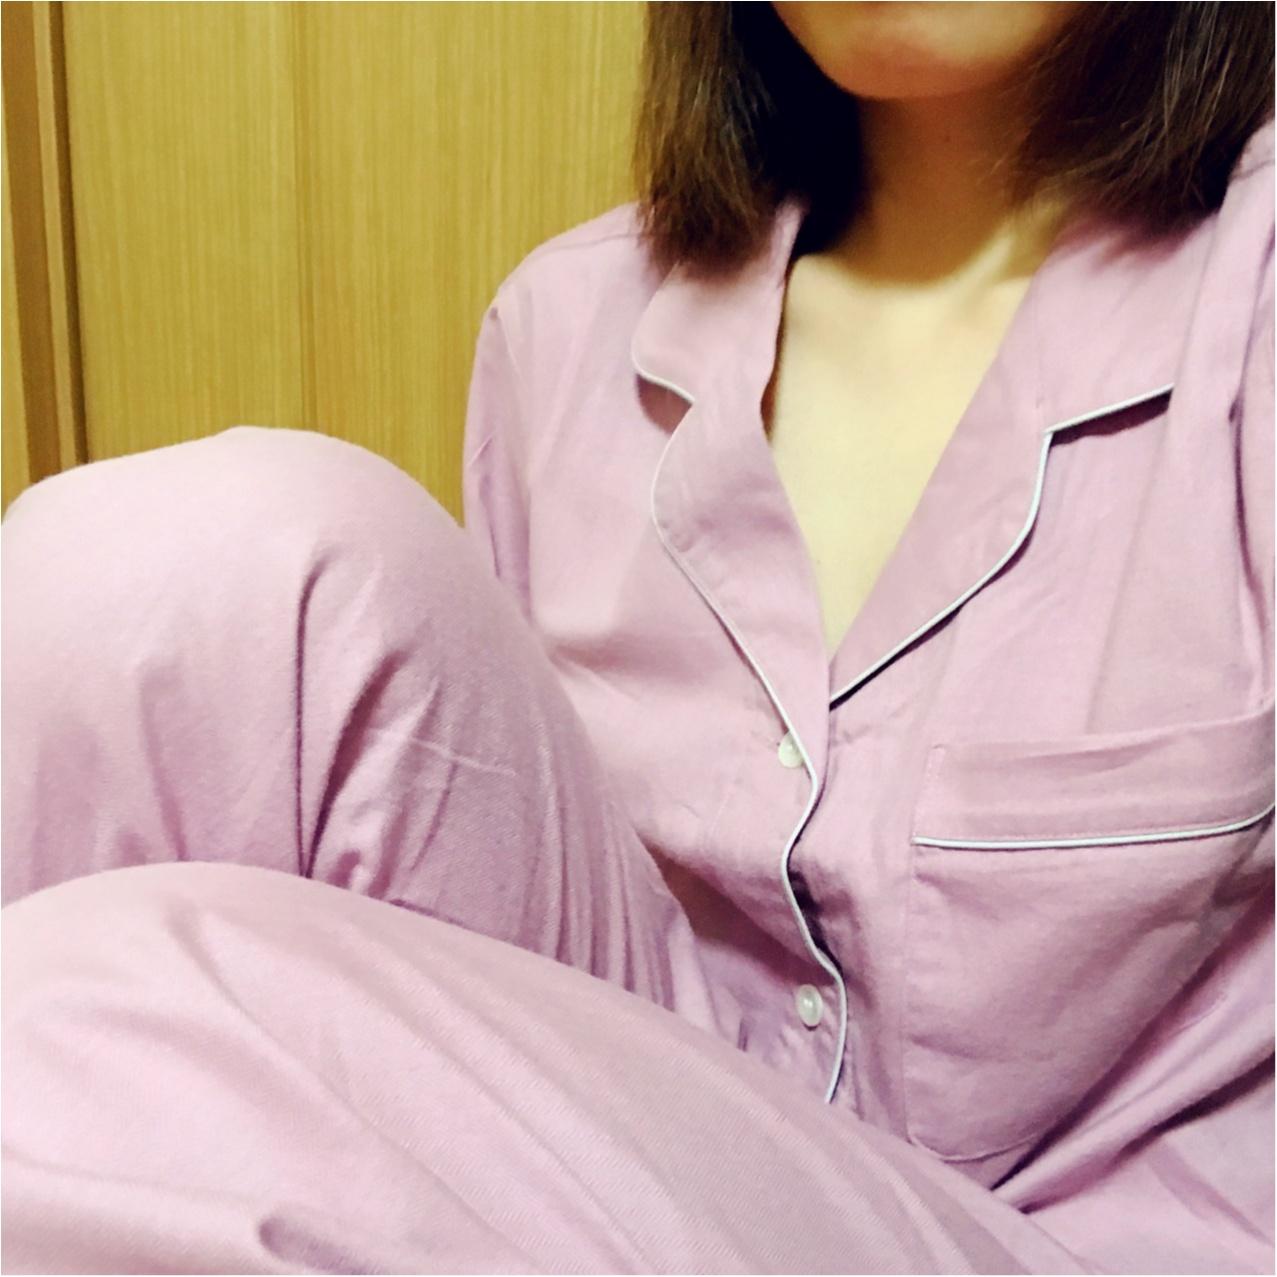 一部店舗・ネット限定!ユニクロから待望の【パジャマ】が登場♡_2